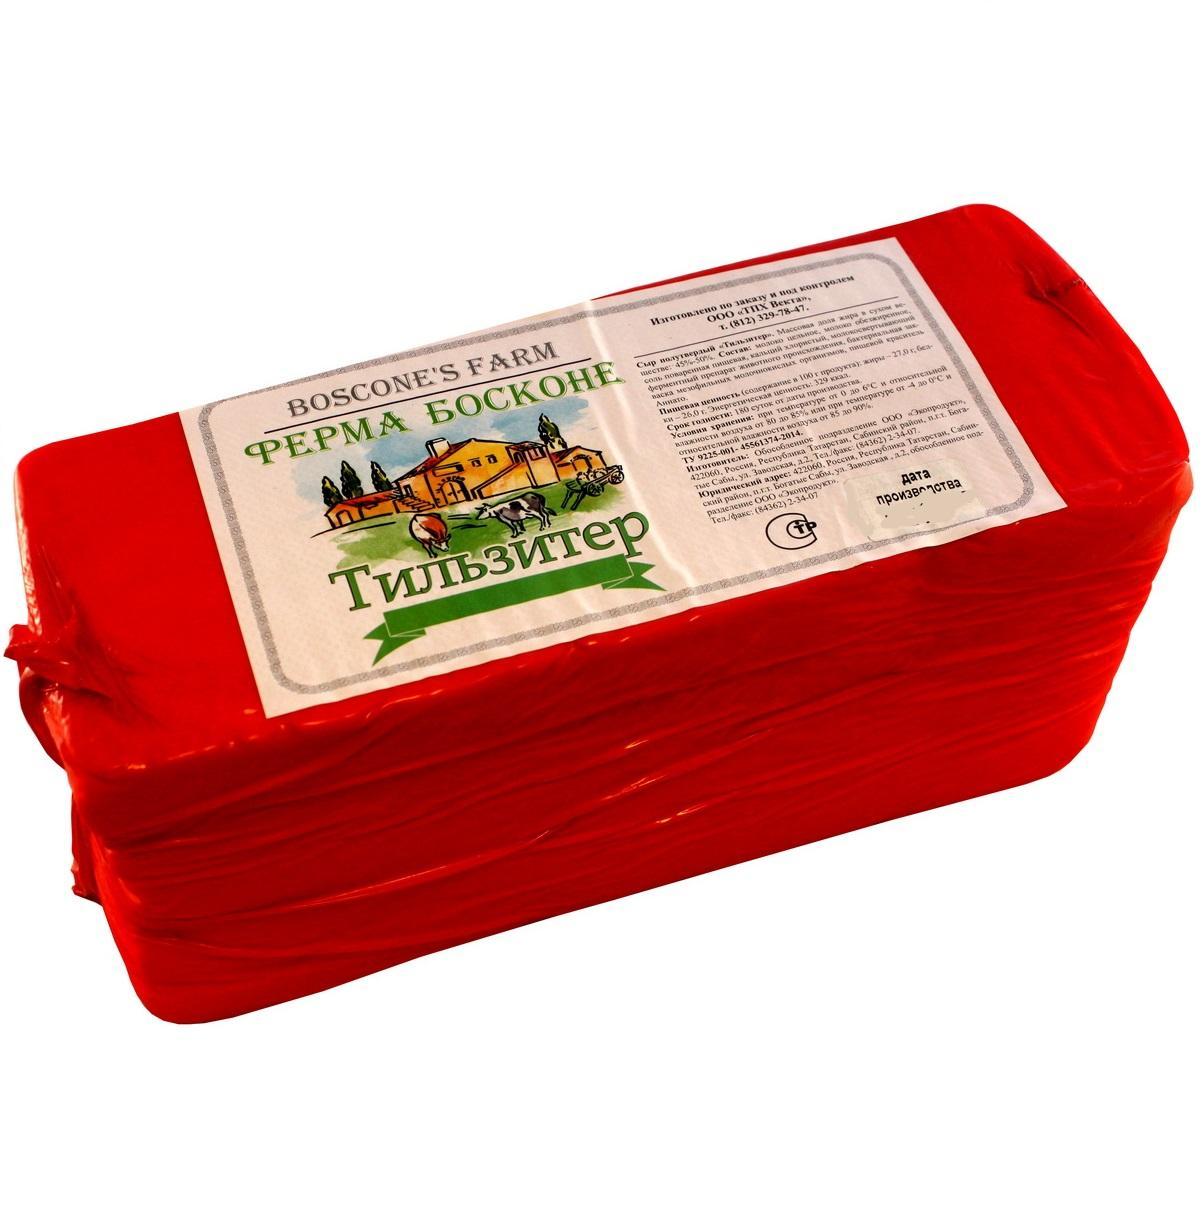 Сычужный продукт Ферма Босконе Тильзитер 45%, Россия